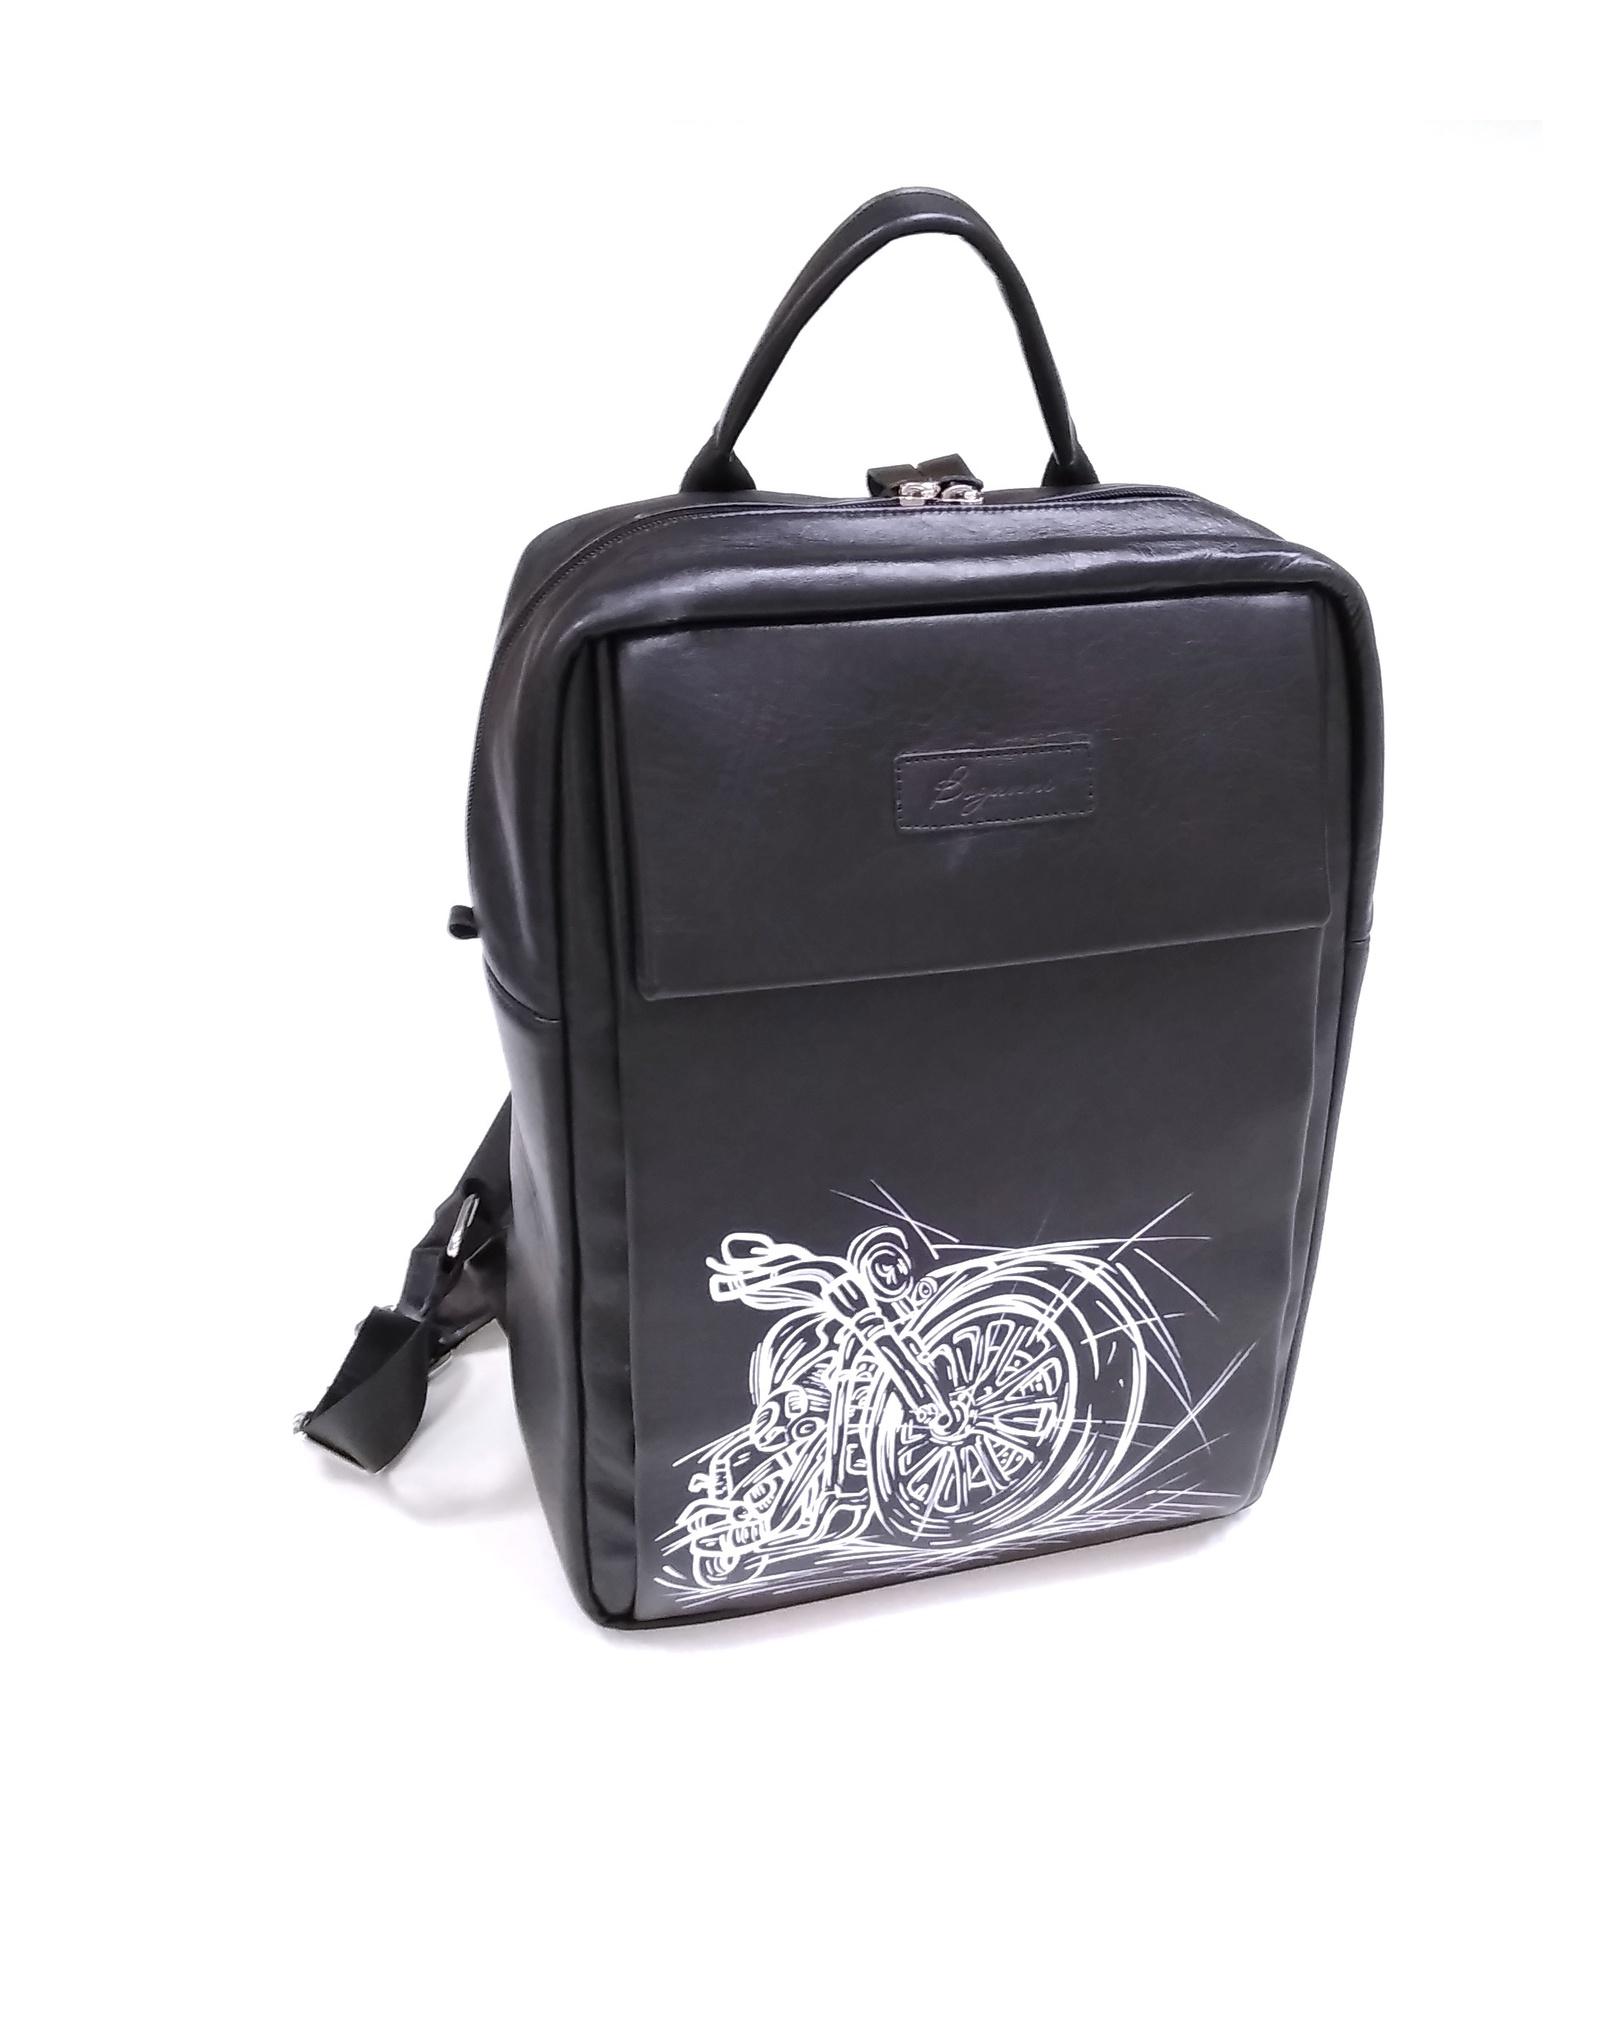 Рюкзак Autopremium Мужской с ручной росписью Мотоцикл, черный рюкзак мужской quiksilver everydaypostemb m eqybp03501 bng0 королевский синий